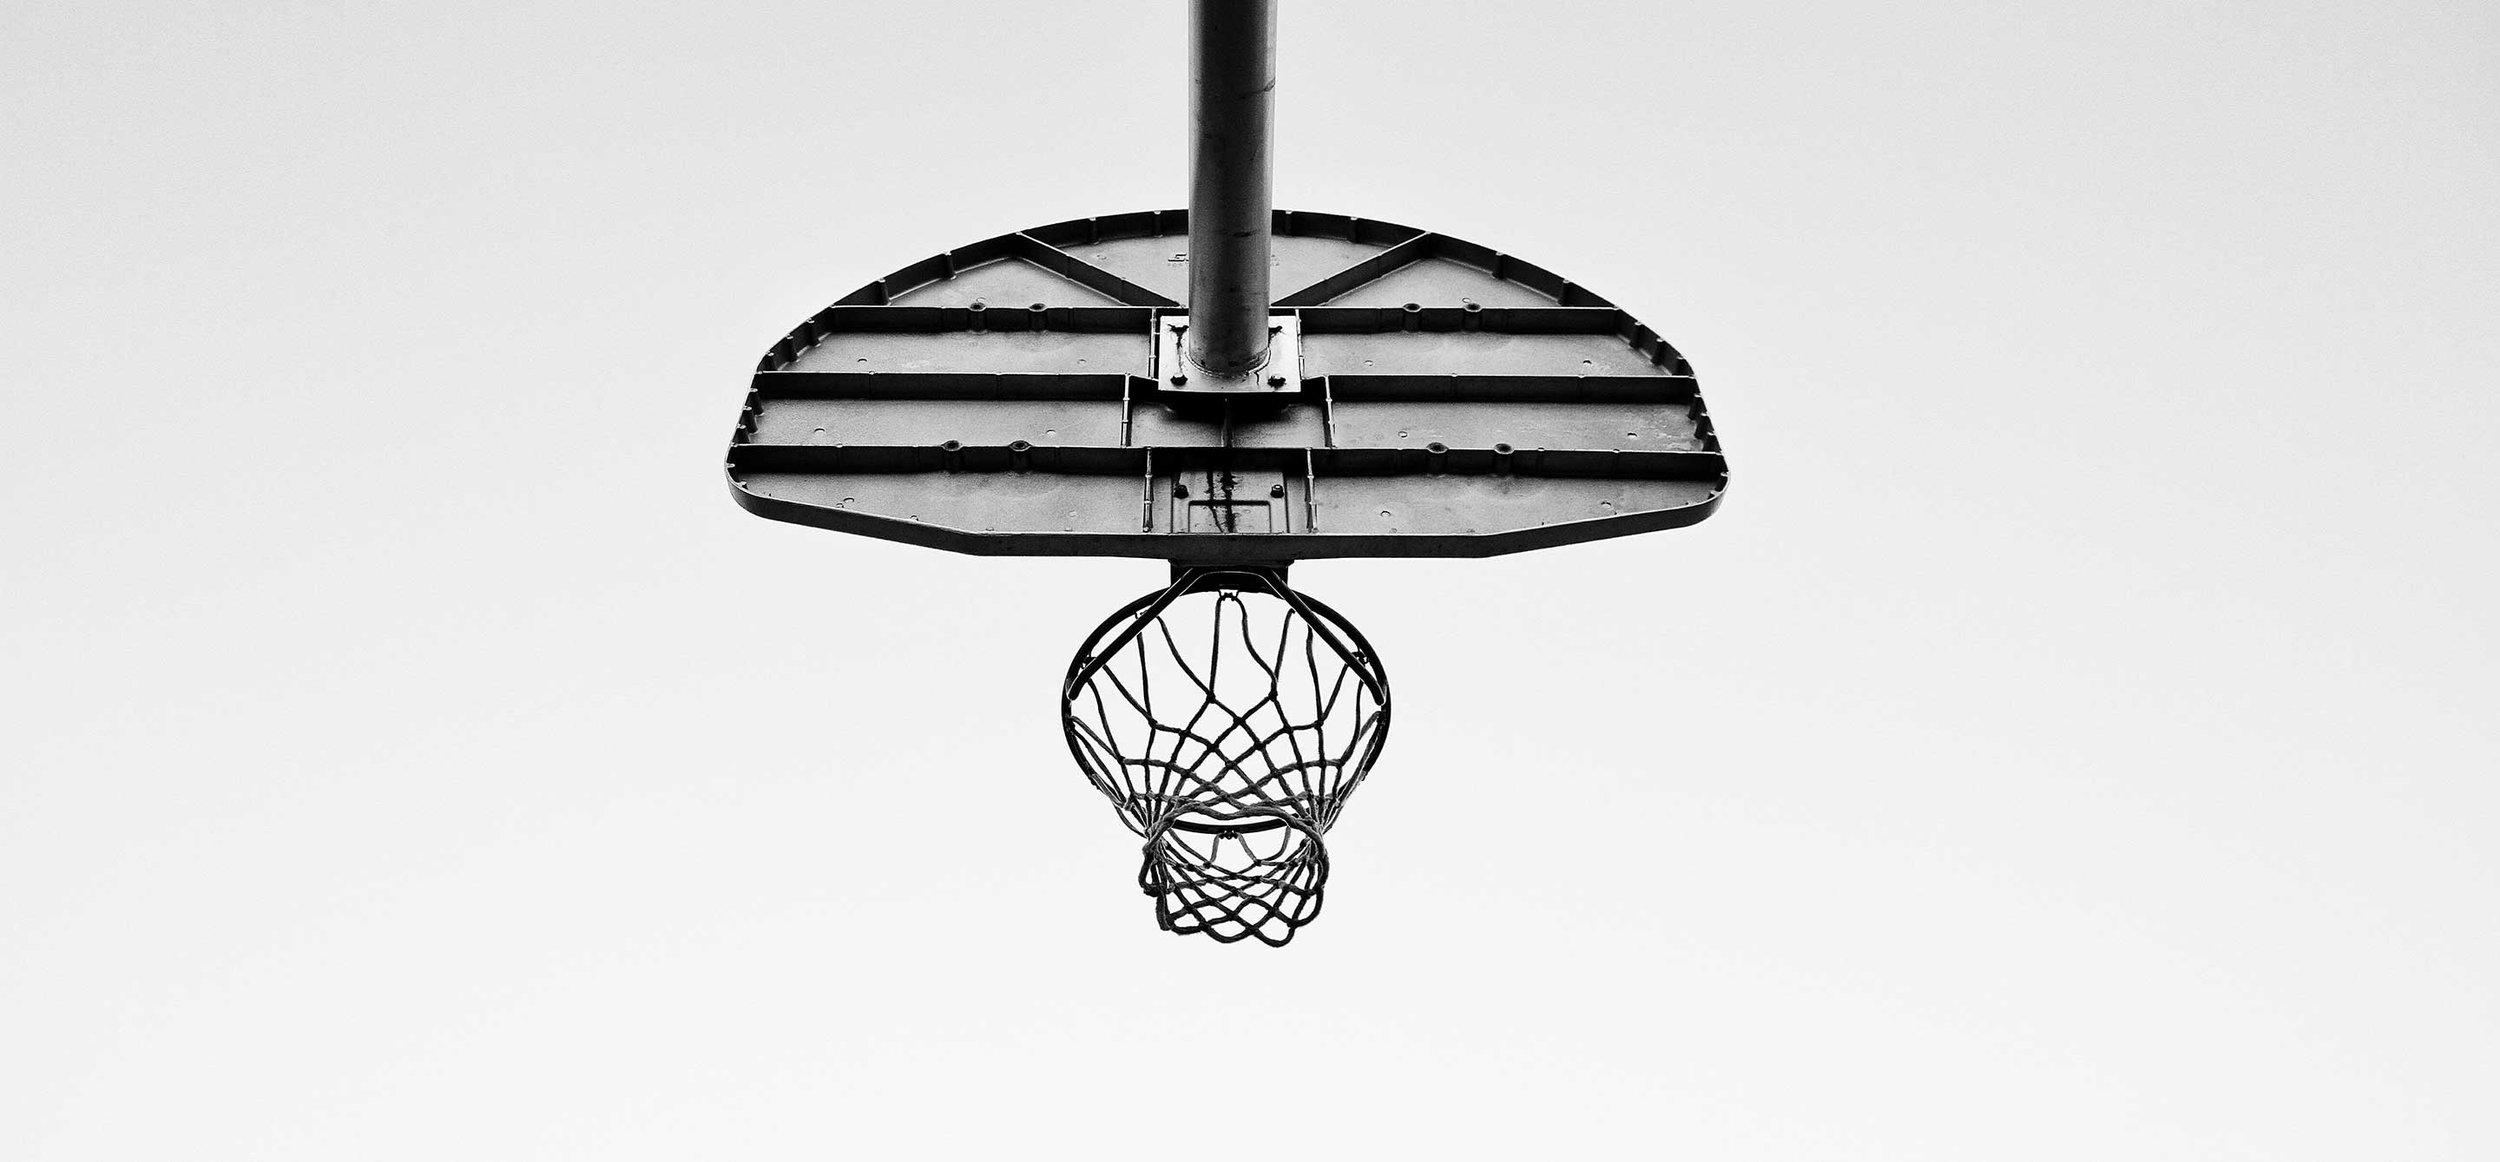 basketball-net.jpg